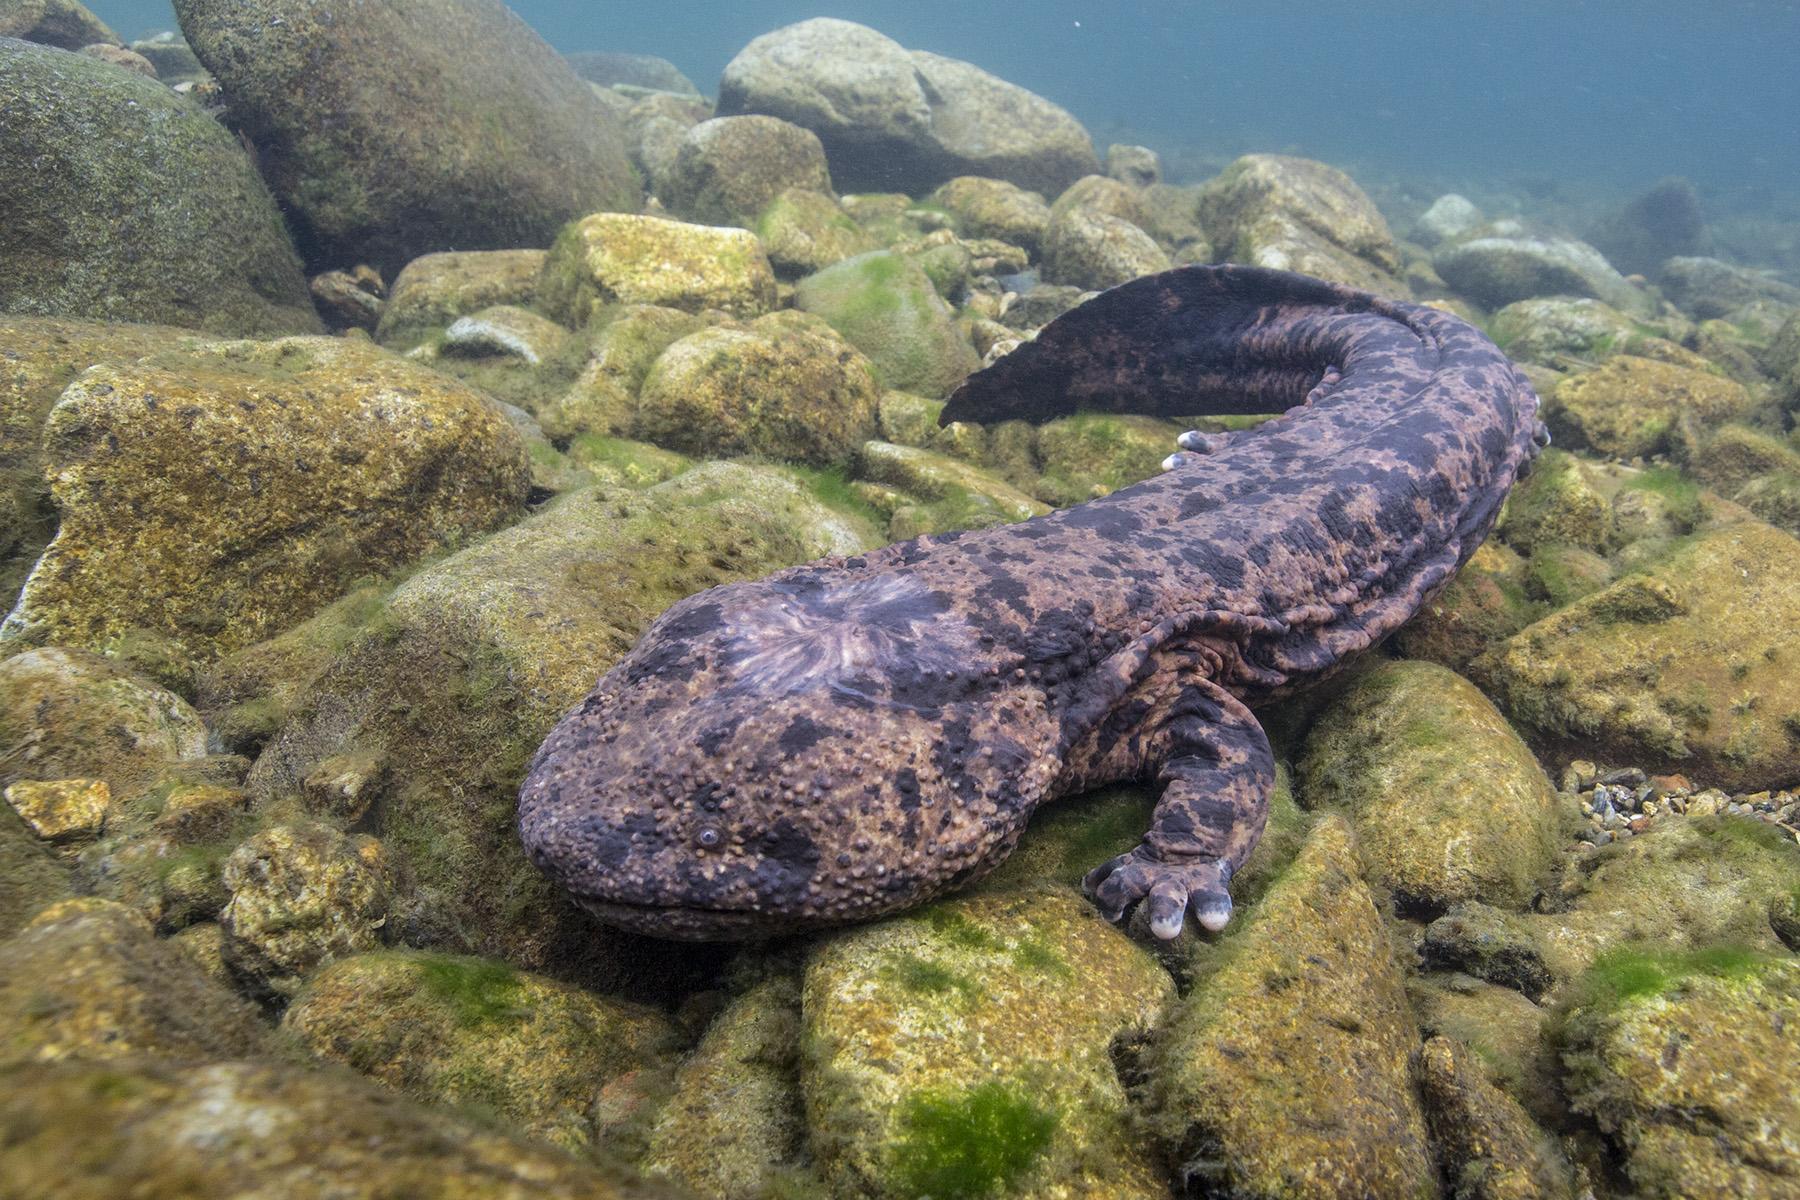 apanese Giant Salamander, Amfibi yang Terancam Punah